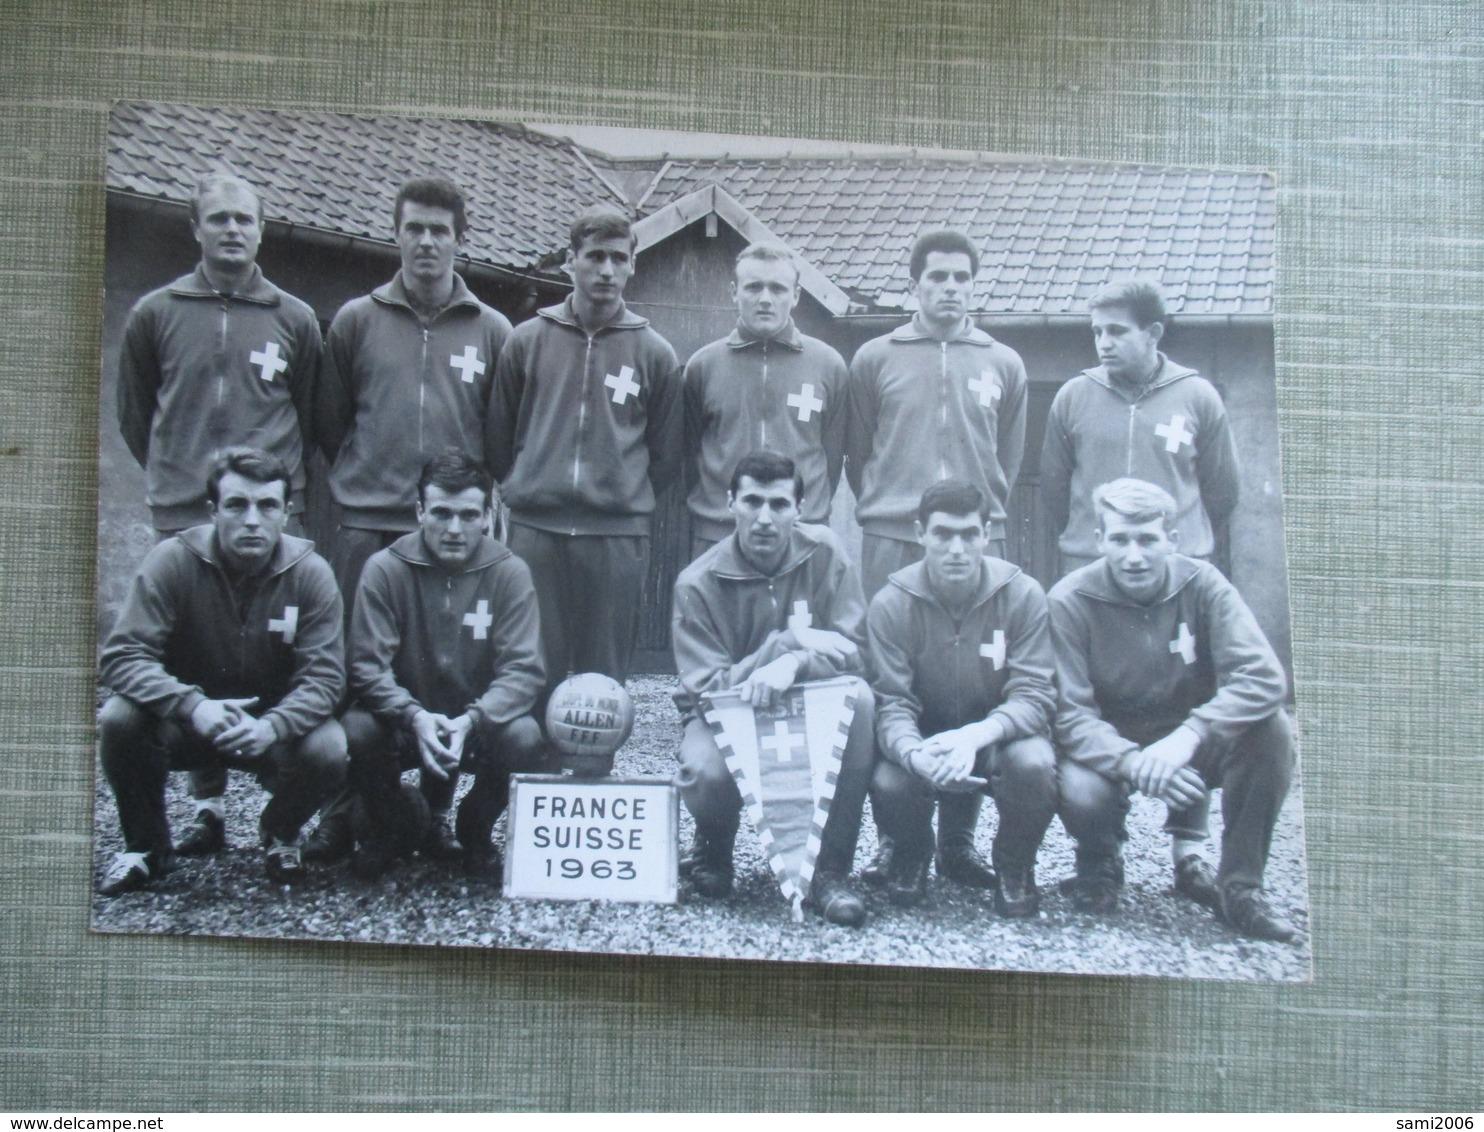 PHOTO EQUIPE DE FOOT FRANCE SUISSE 1963 - Sporten